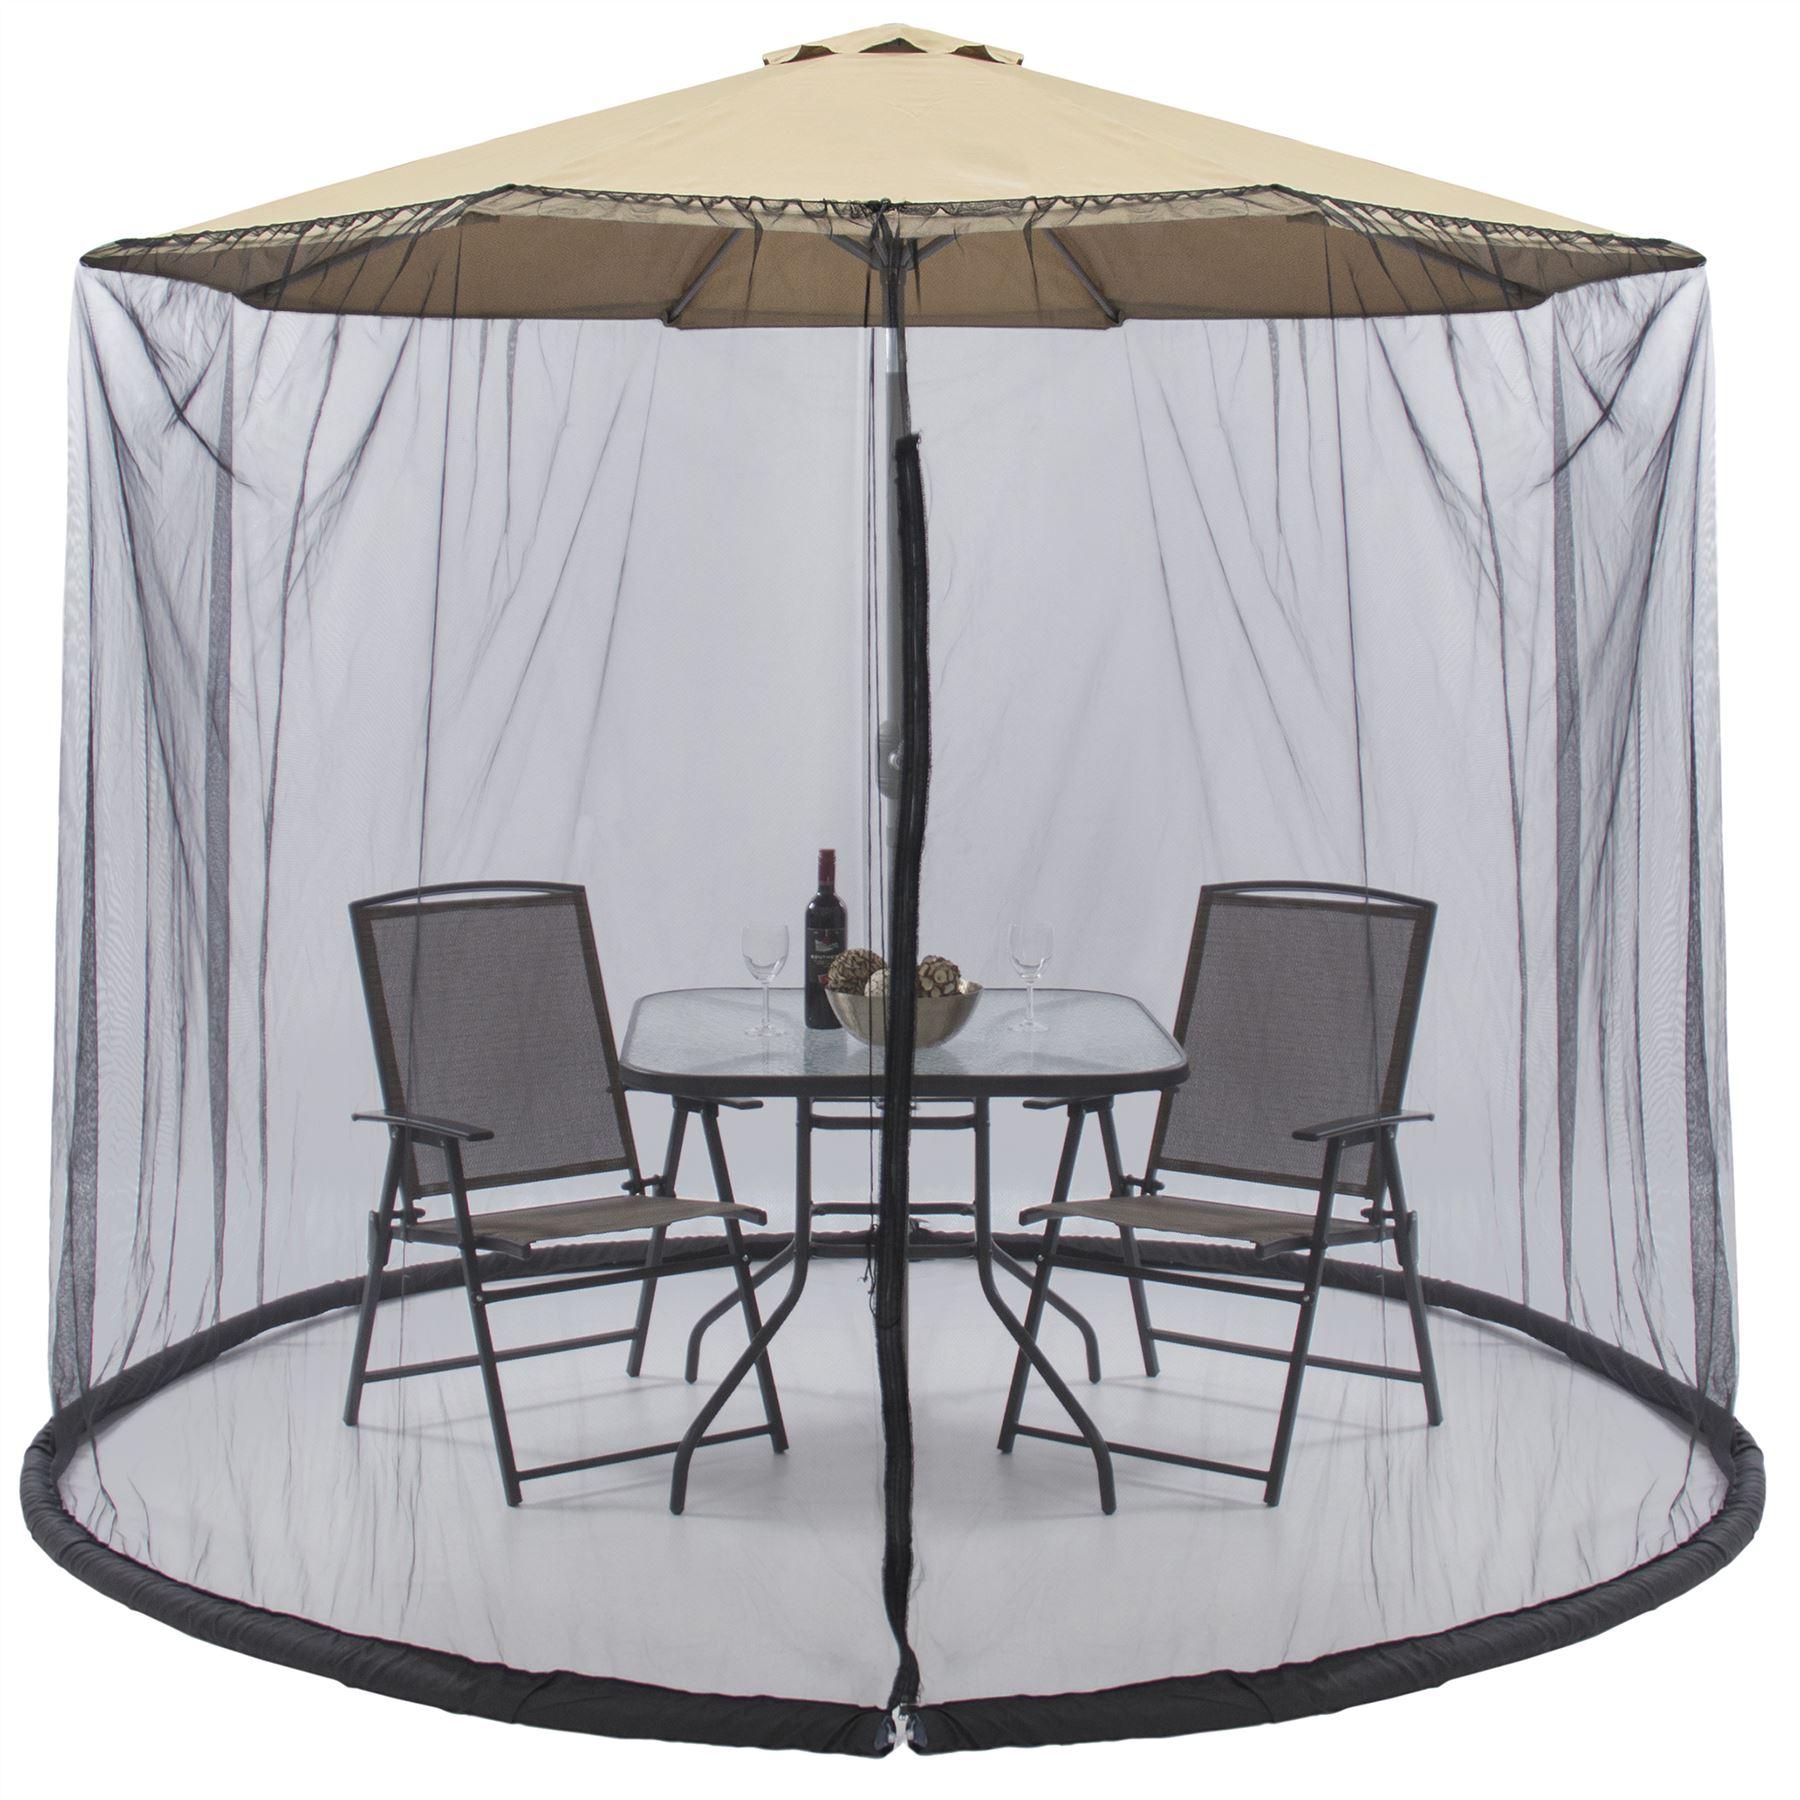 Outdoor Garden Patio Umbrella Parasol Mesh Net Screen